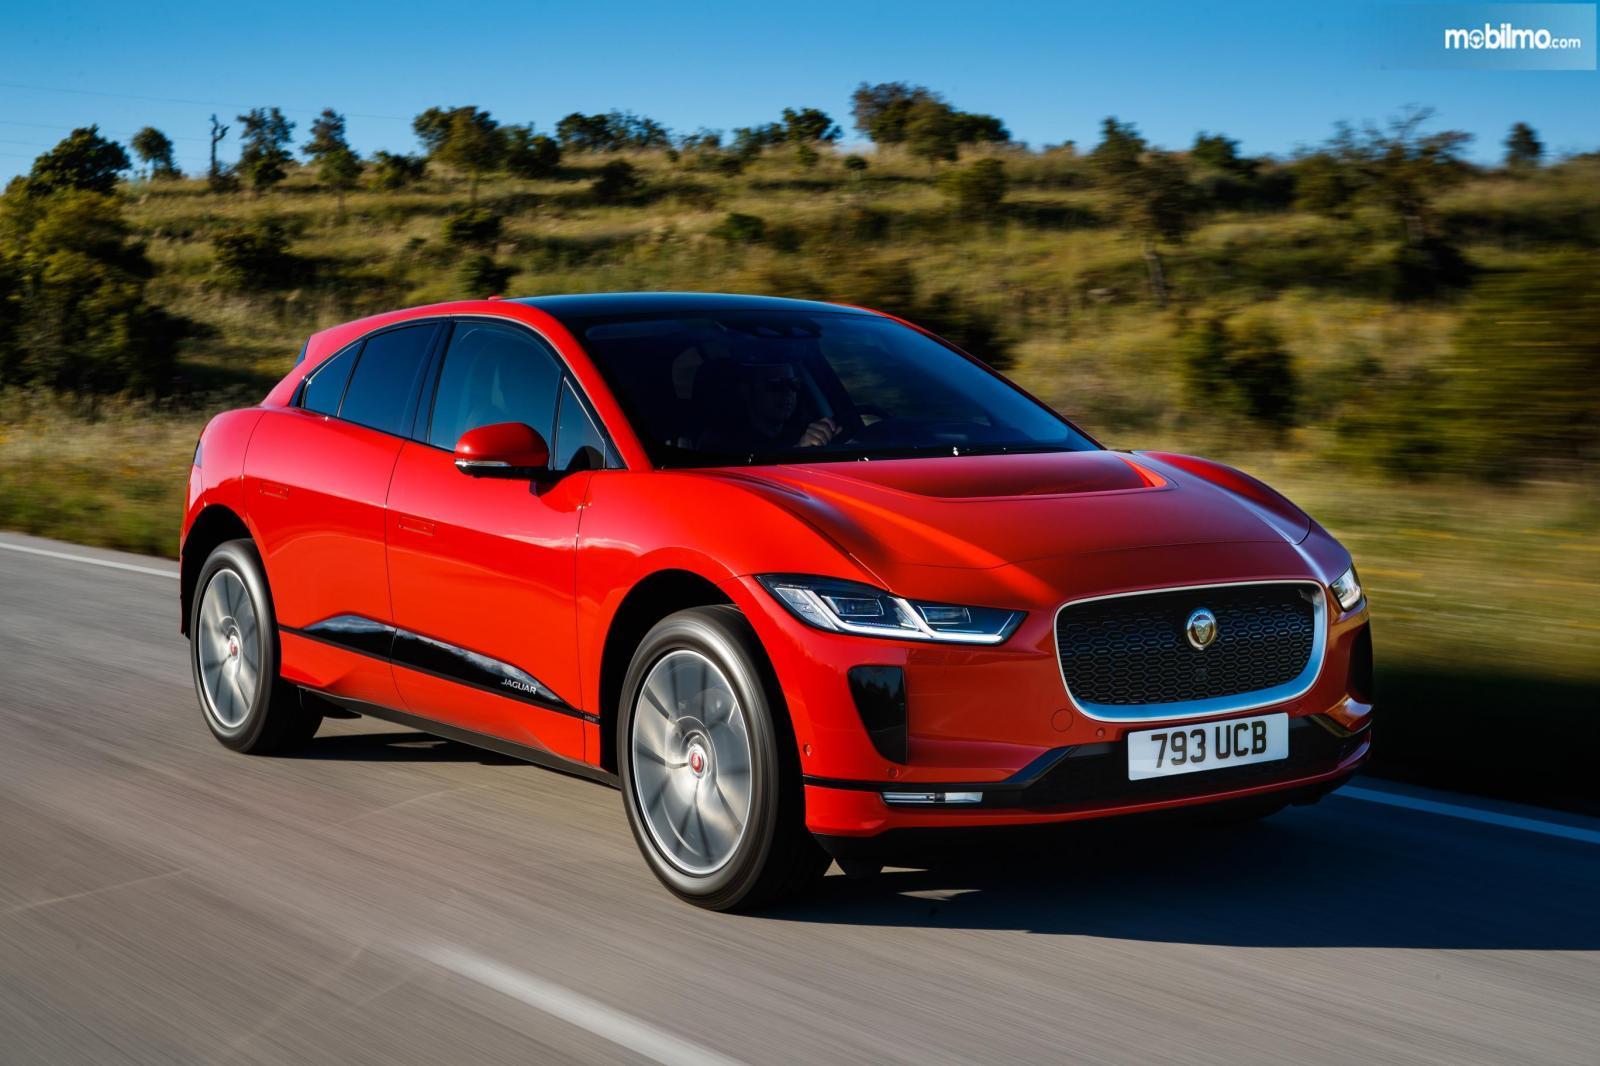 Foto menunjukkan mobil listrik Jaguar I-pace, tampil mencolok dengan warna merah